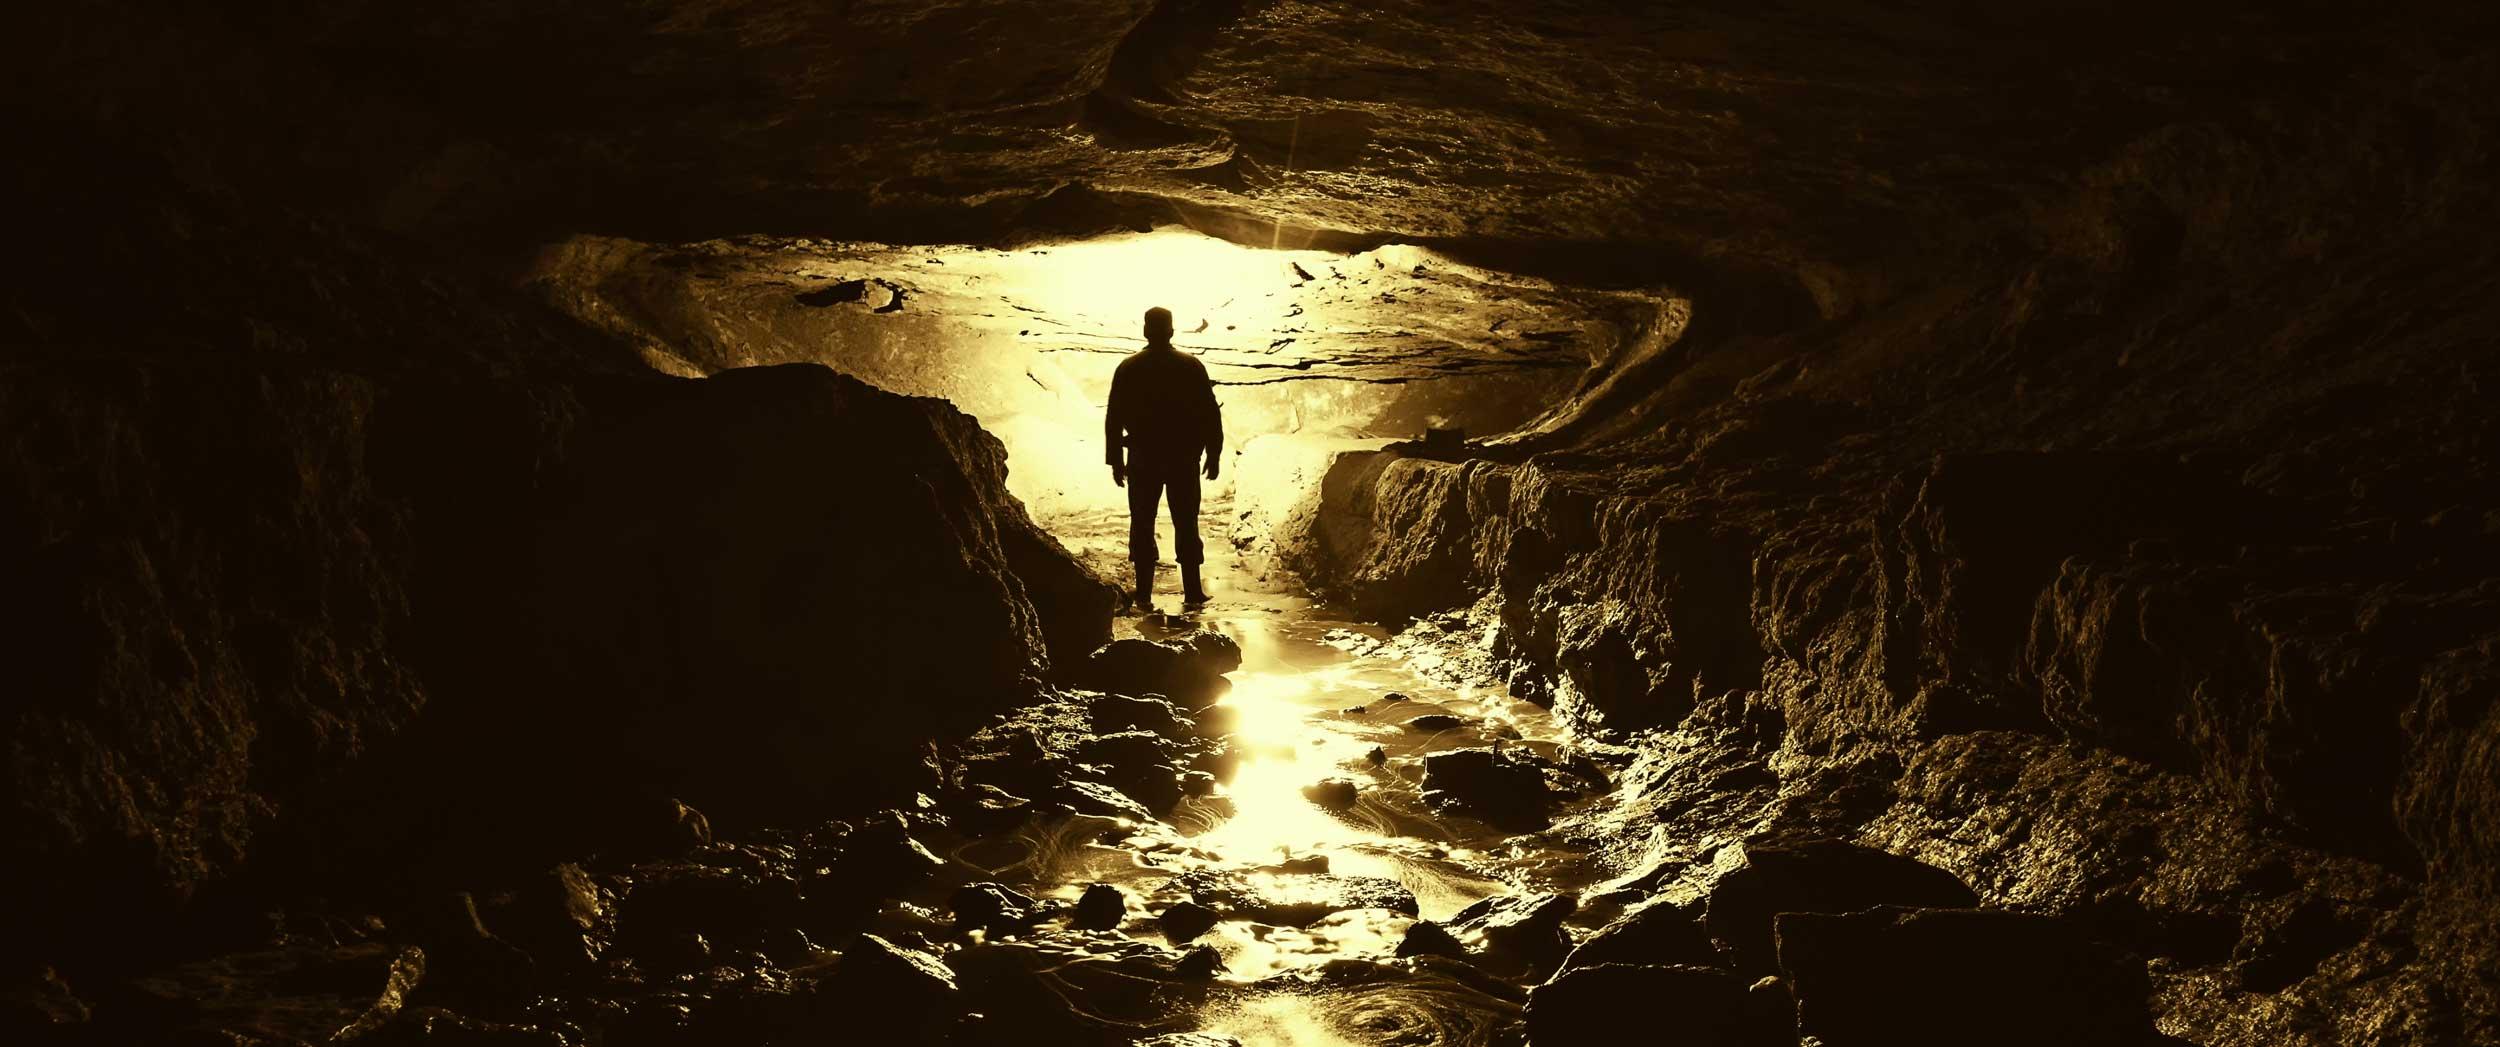 Un homme sur le parcours des grottes aurélie et du maire